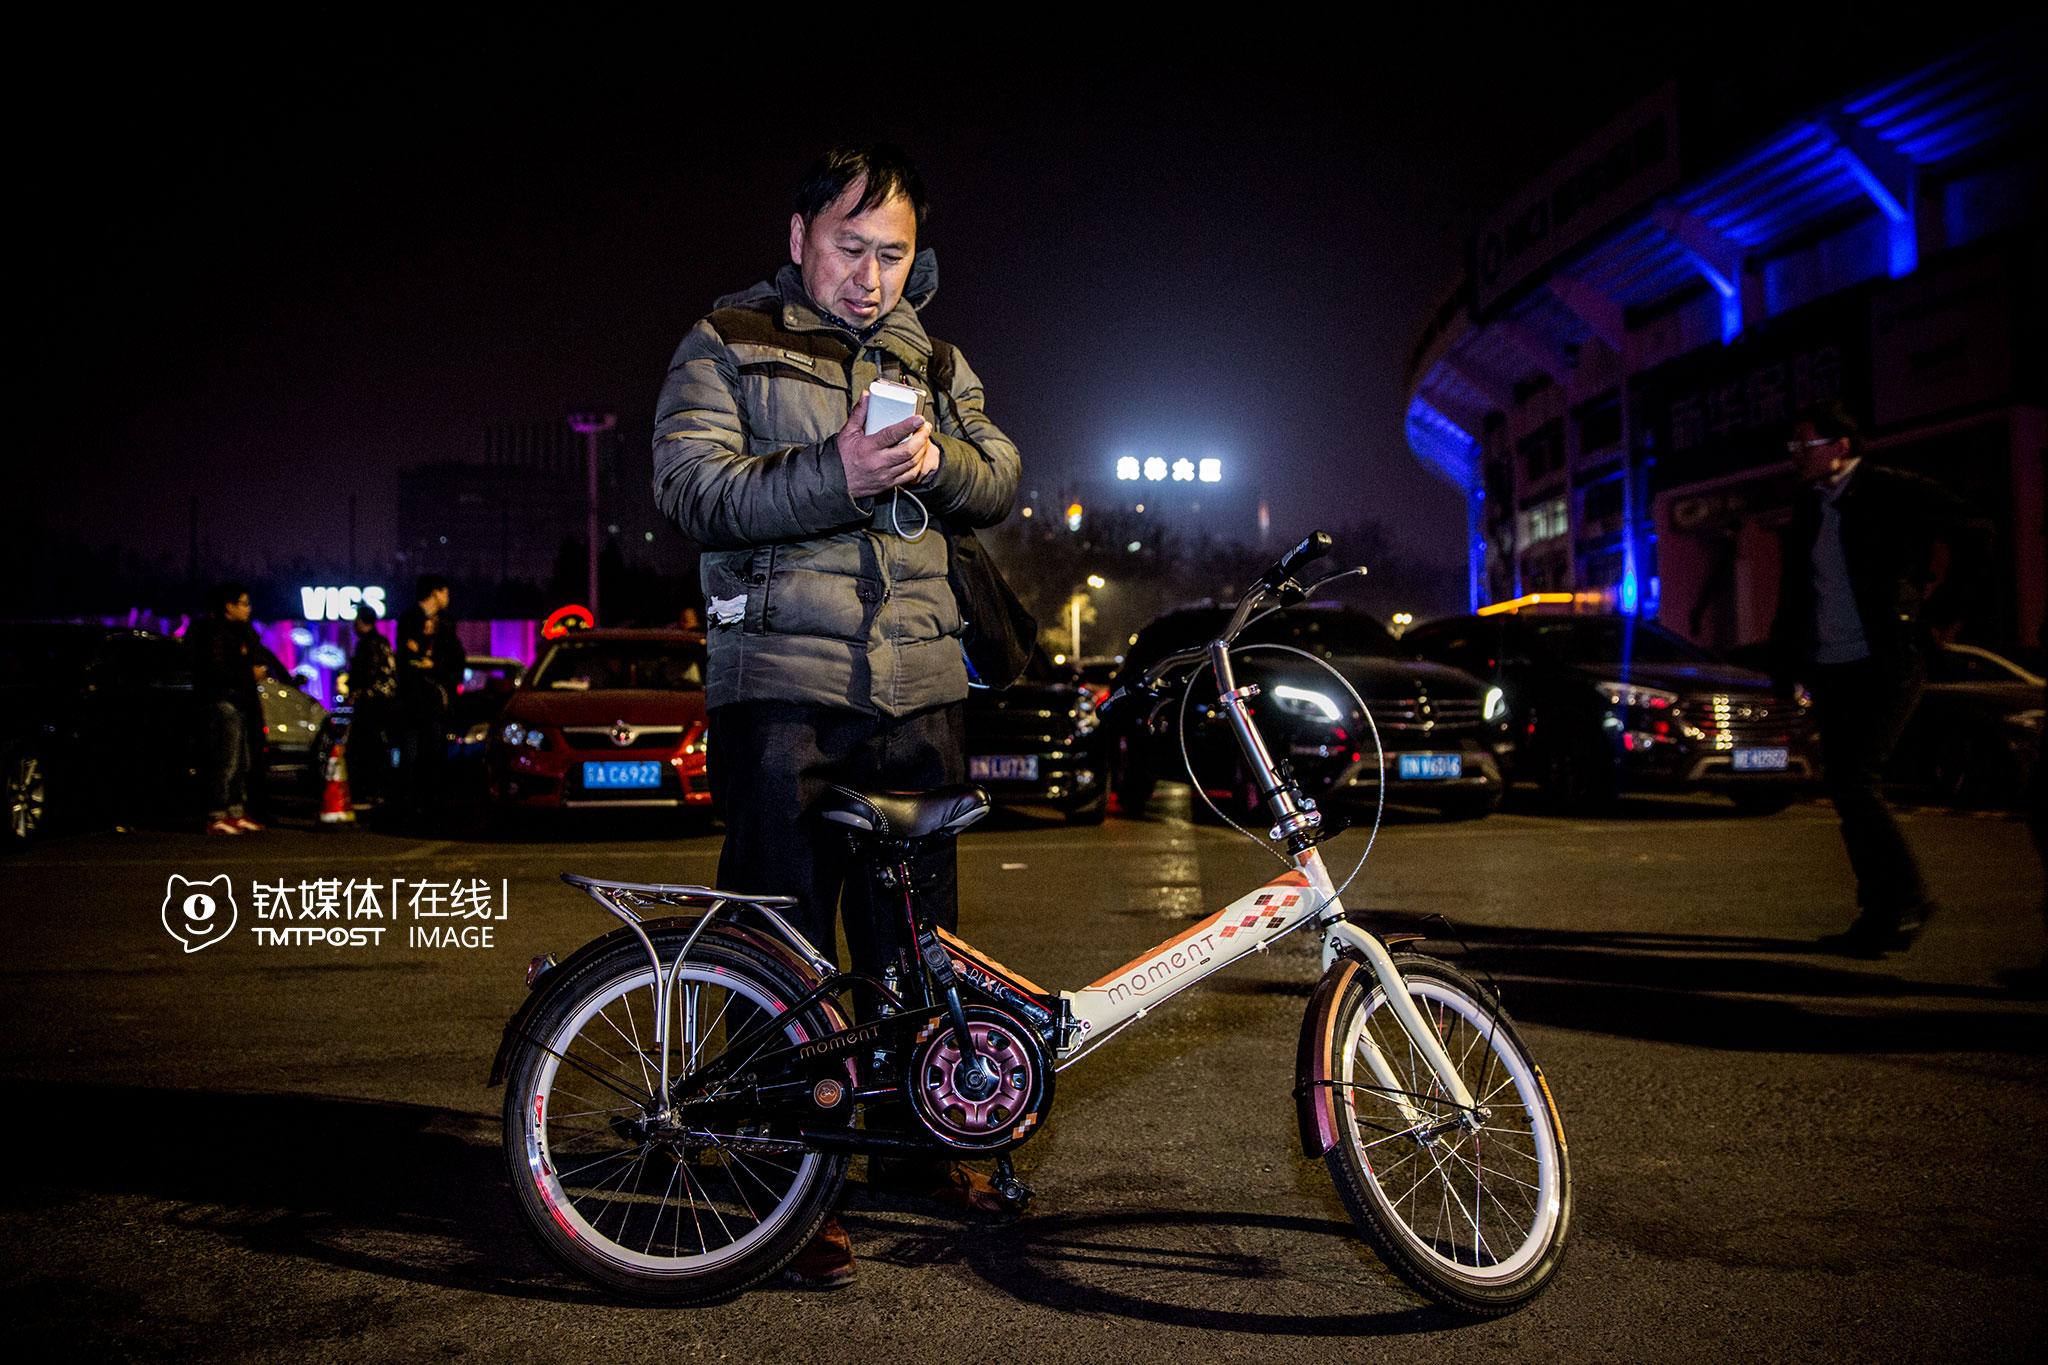 3月15日,一名兼职代驾在等待已经预约好的客人从KTV出来,对方预约了23:45,他在KTV外从11点多一直等到12点多,对方一直没出来。